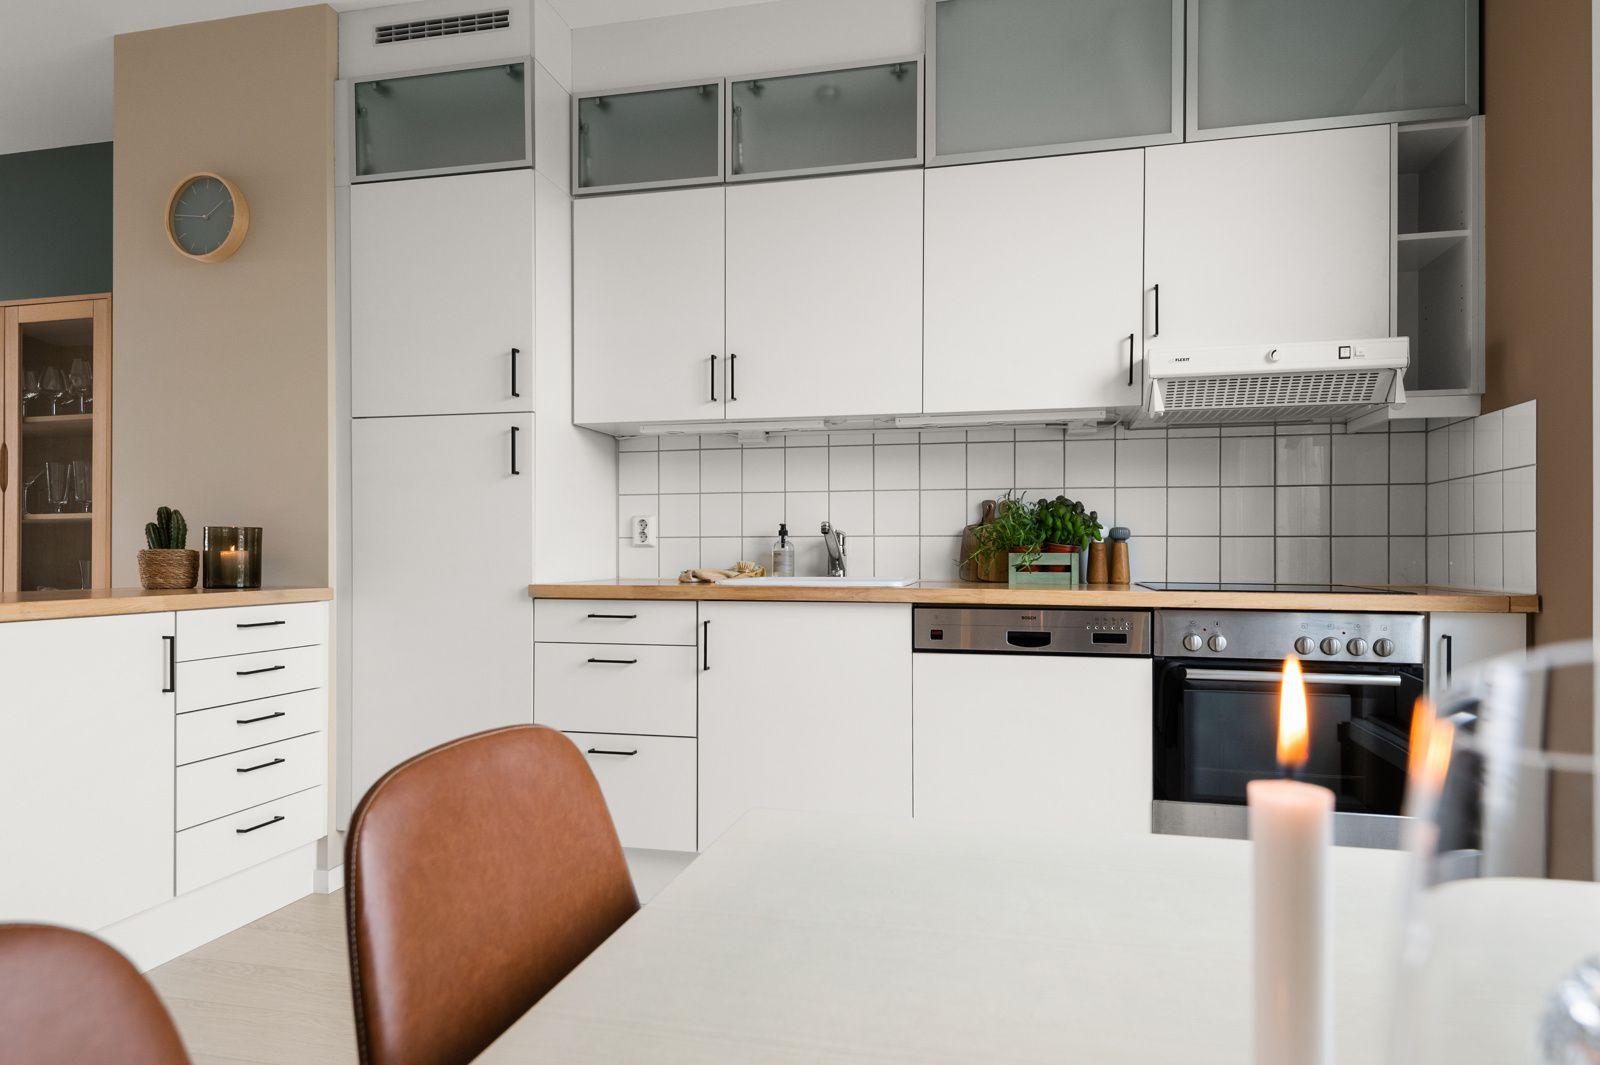 Bergensgata 36 G Du har god skap- og benkeplass i innredningen som har hvite glatte fronter og benkeplate i treverk med nedsenket oppvaskkum.